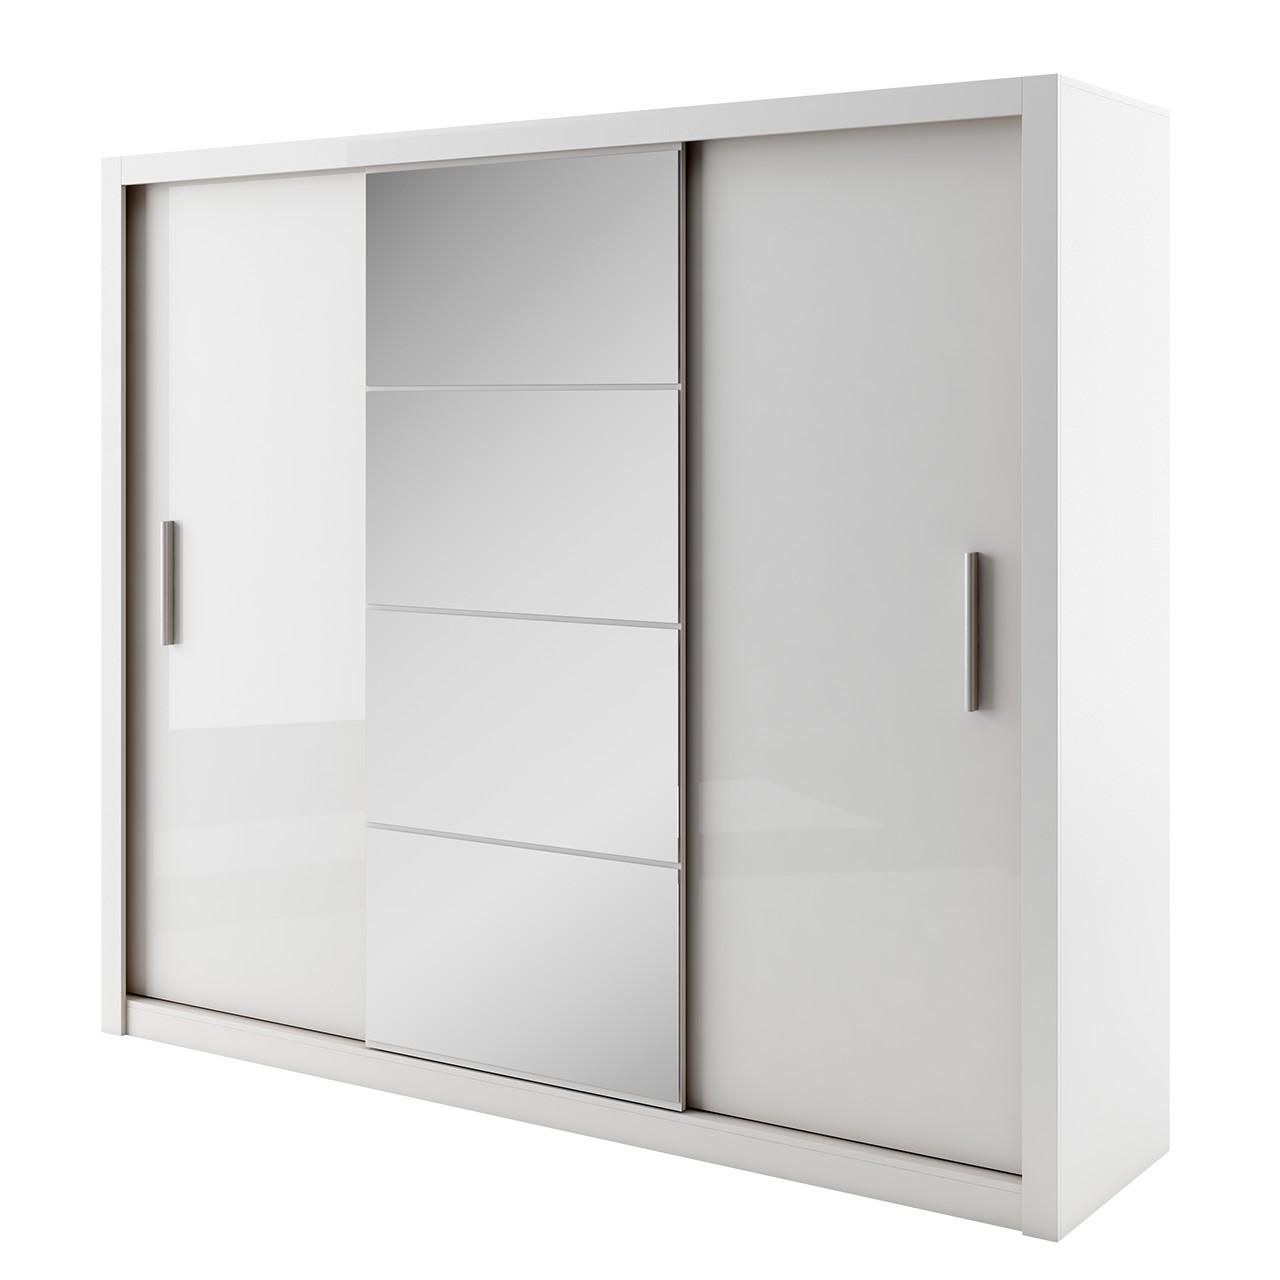 kleiderschrank tiefe 40 bild das sieht ehrfurcht gebietend. Black Bedroom Furniture Sets. Home Design Ideas